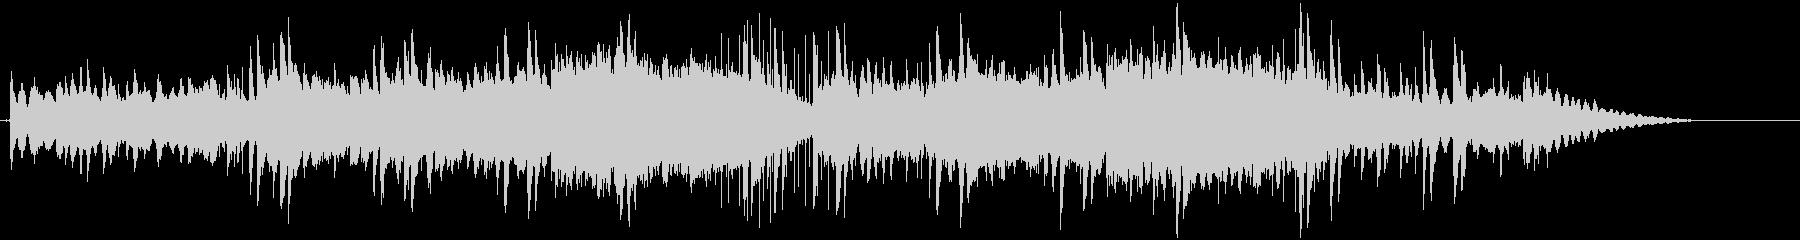 ピアノと柔らかなダブの未再生の波形